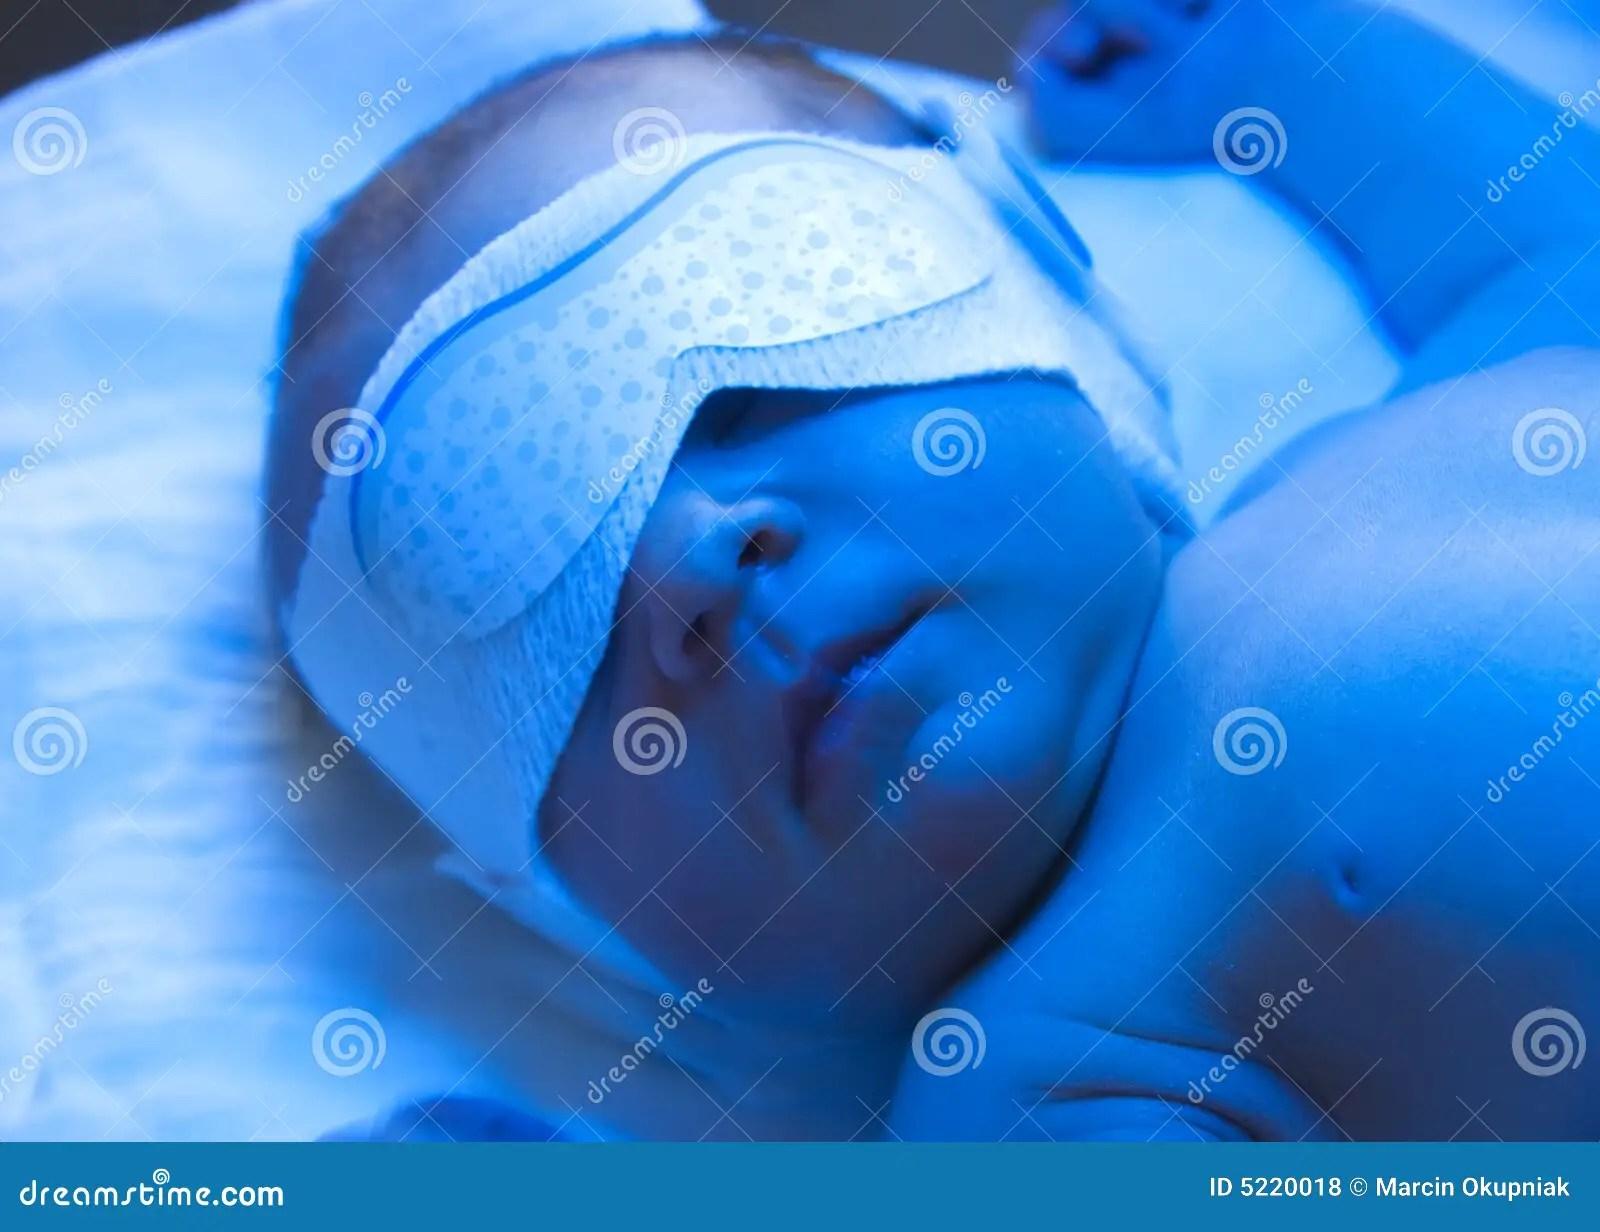 Newborn jaundice treatment stock photo Image of diaper  5220018